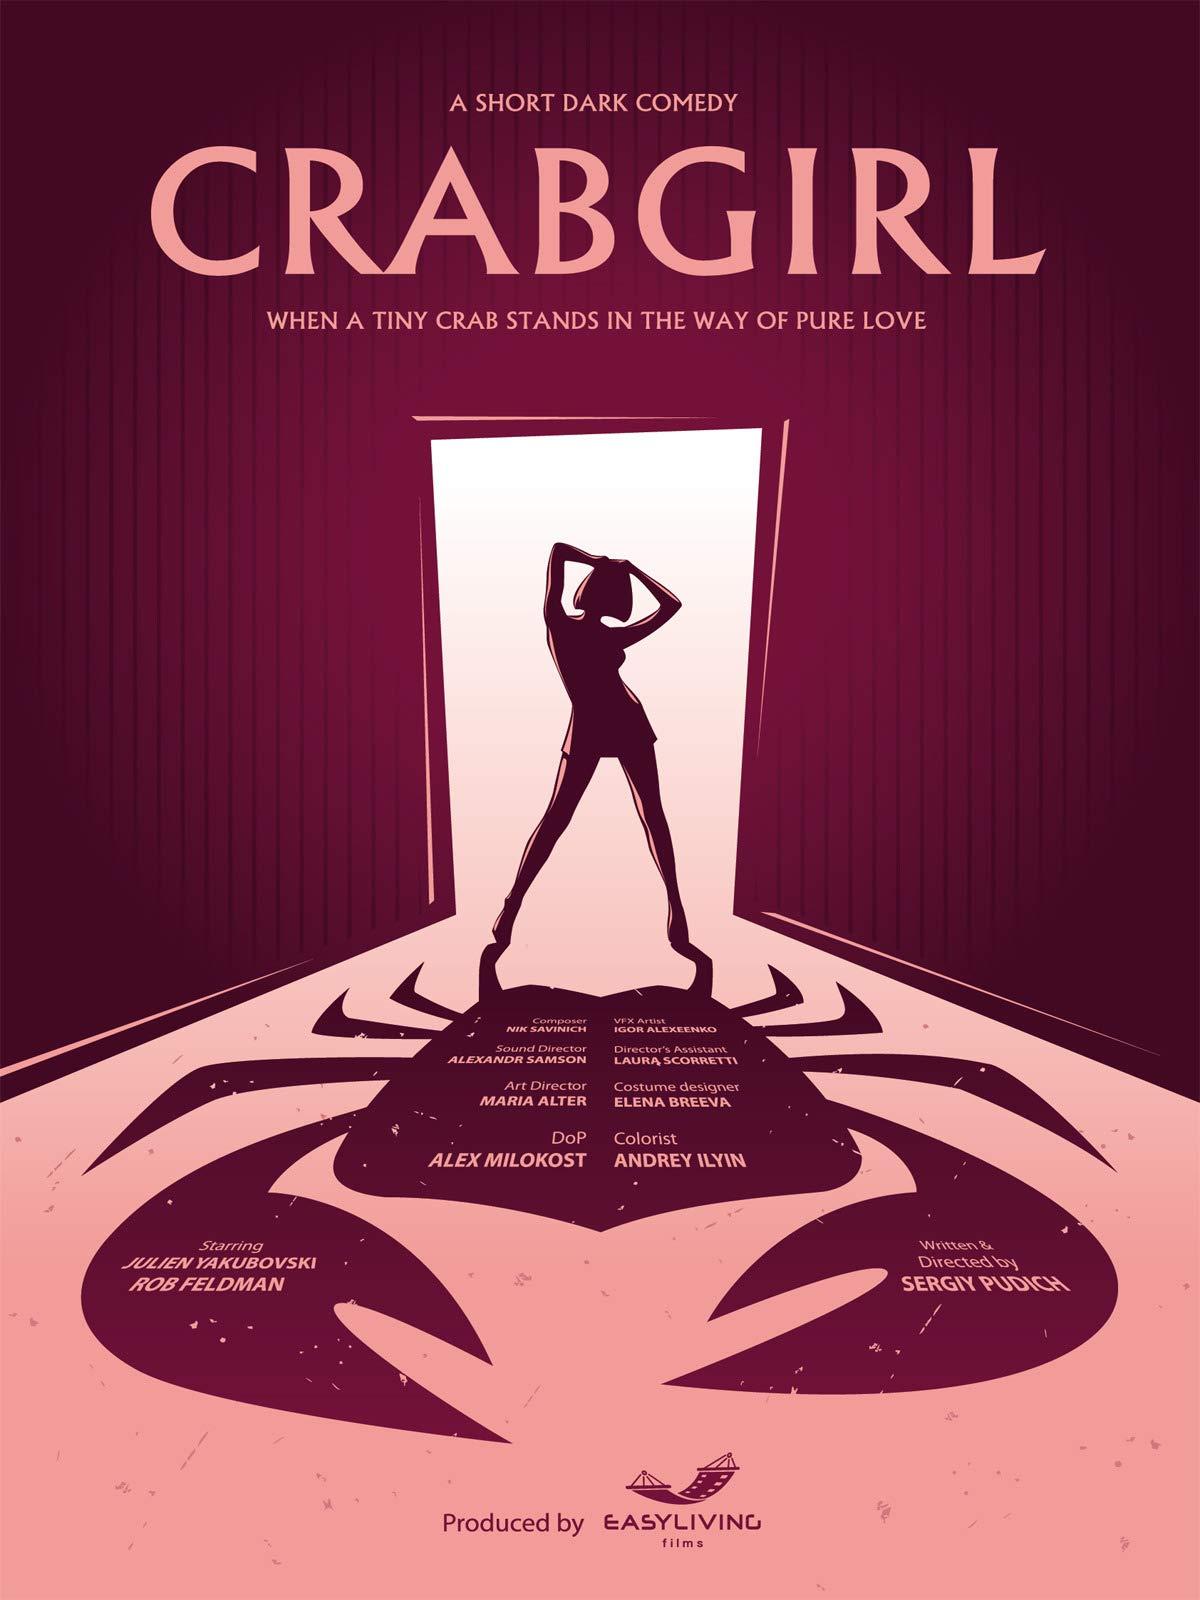 Crabgirl